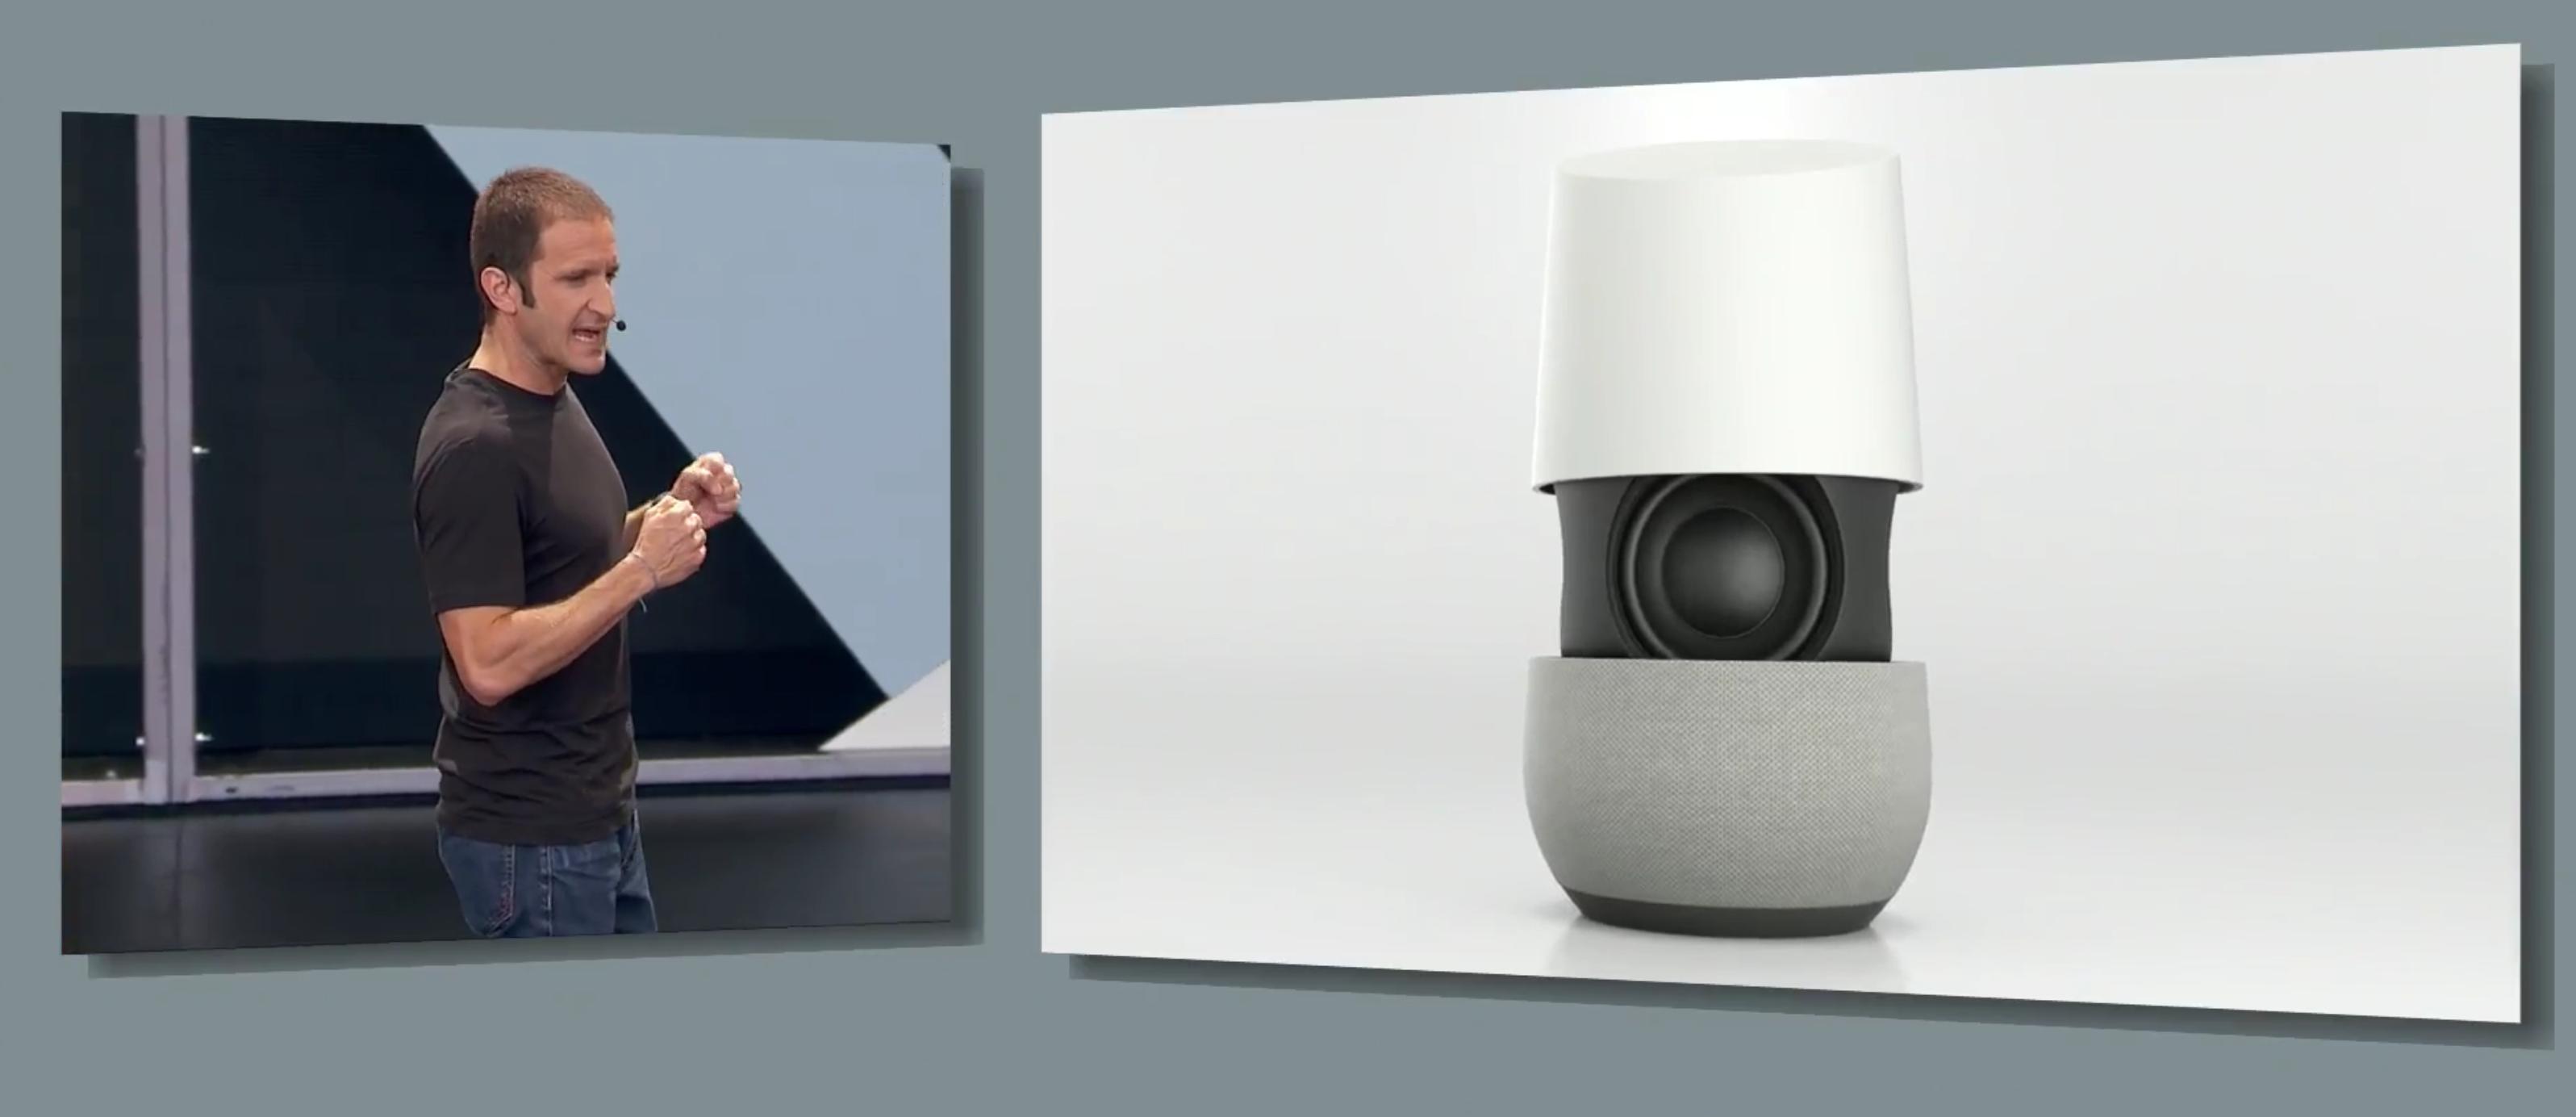 Google Home: um um novo assistente pessoal para a casa - http://www.showmetech.com.br/google-home-um-um-novo-assistente-pessoal-para-casa/